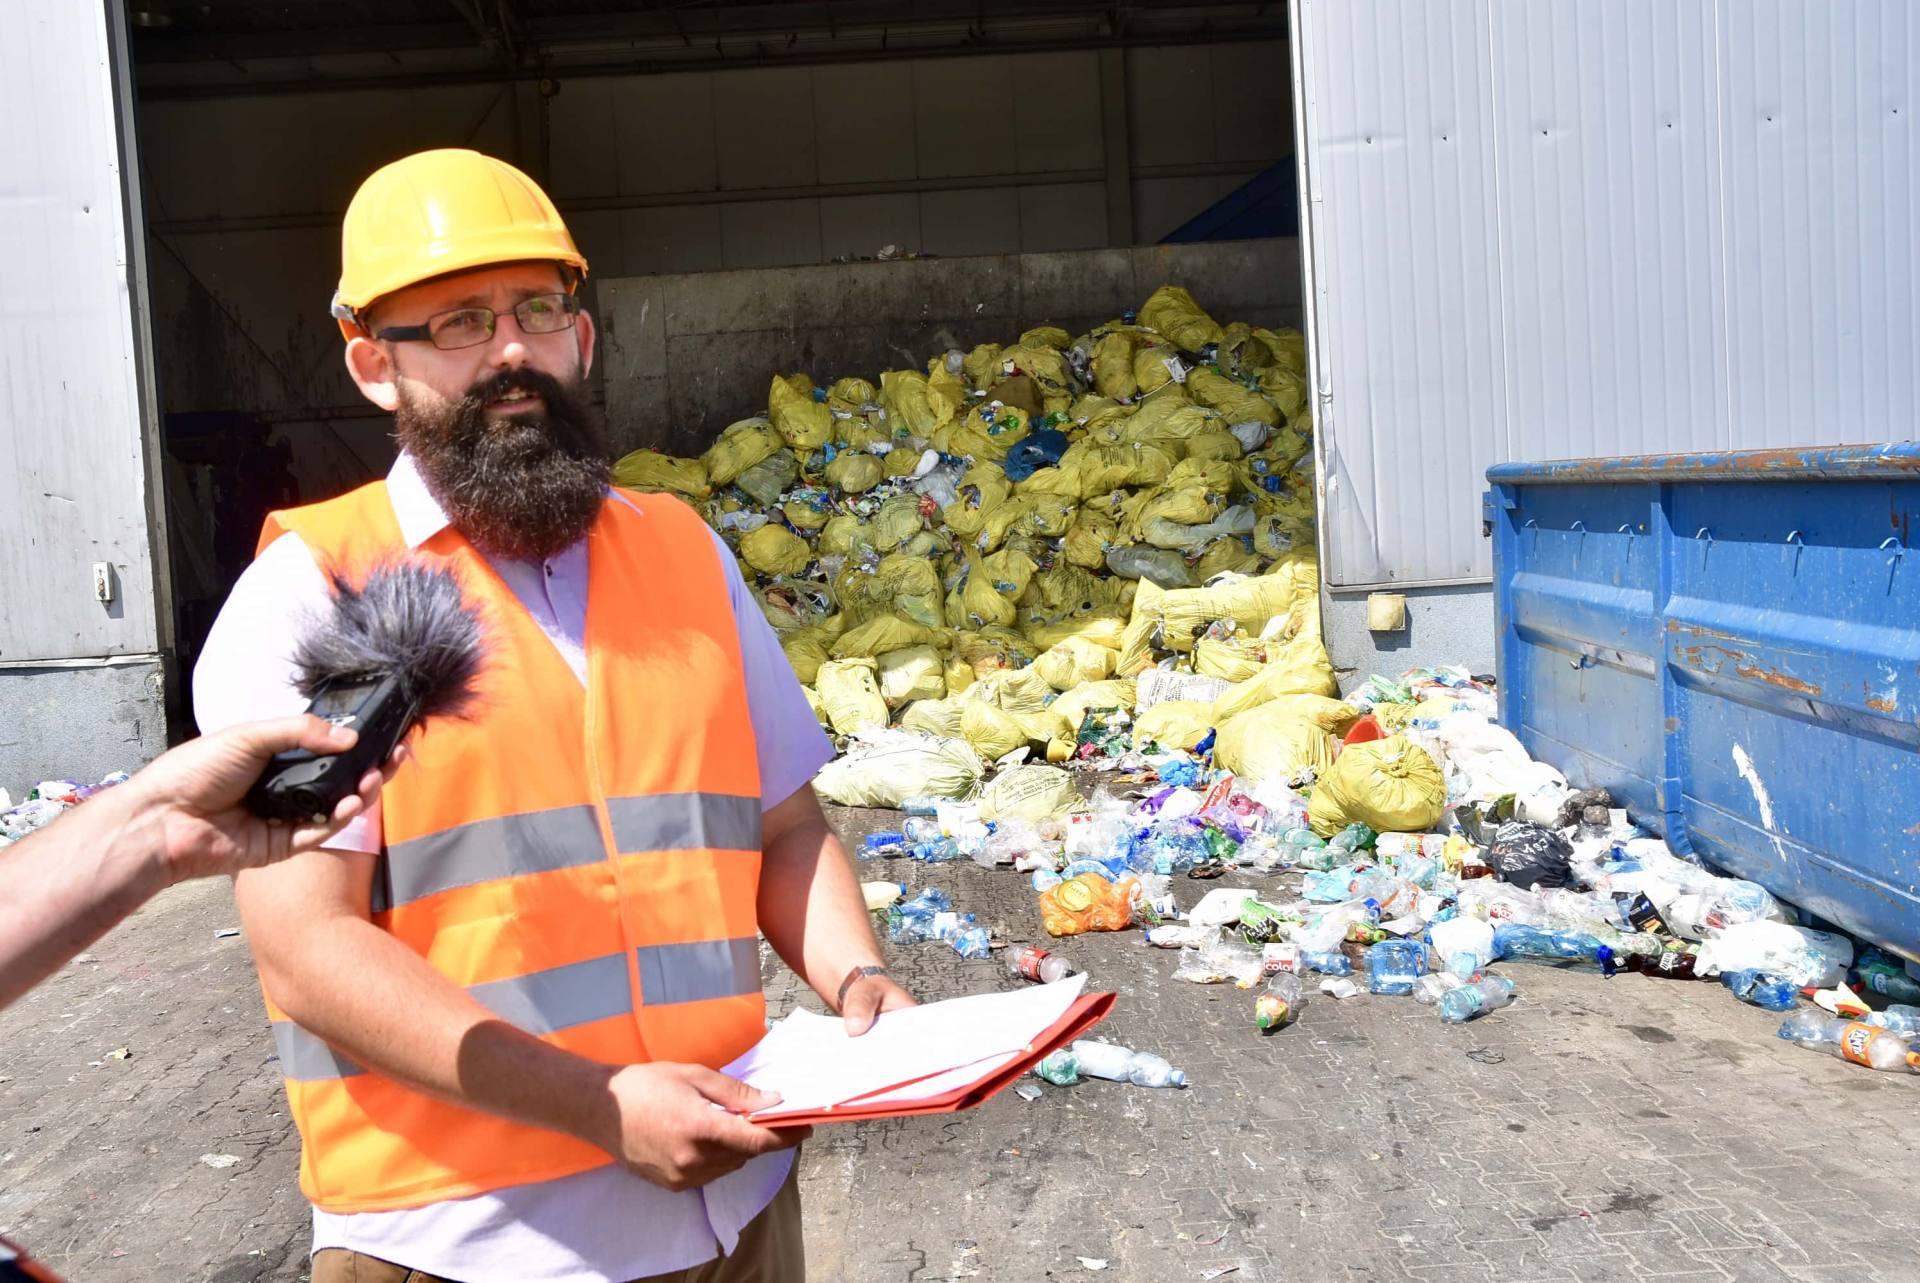 dsc 7946 Konferencja prasowa dotycząca gospodarki odpadami [WIDEO]